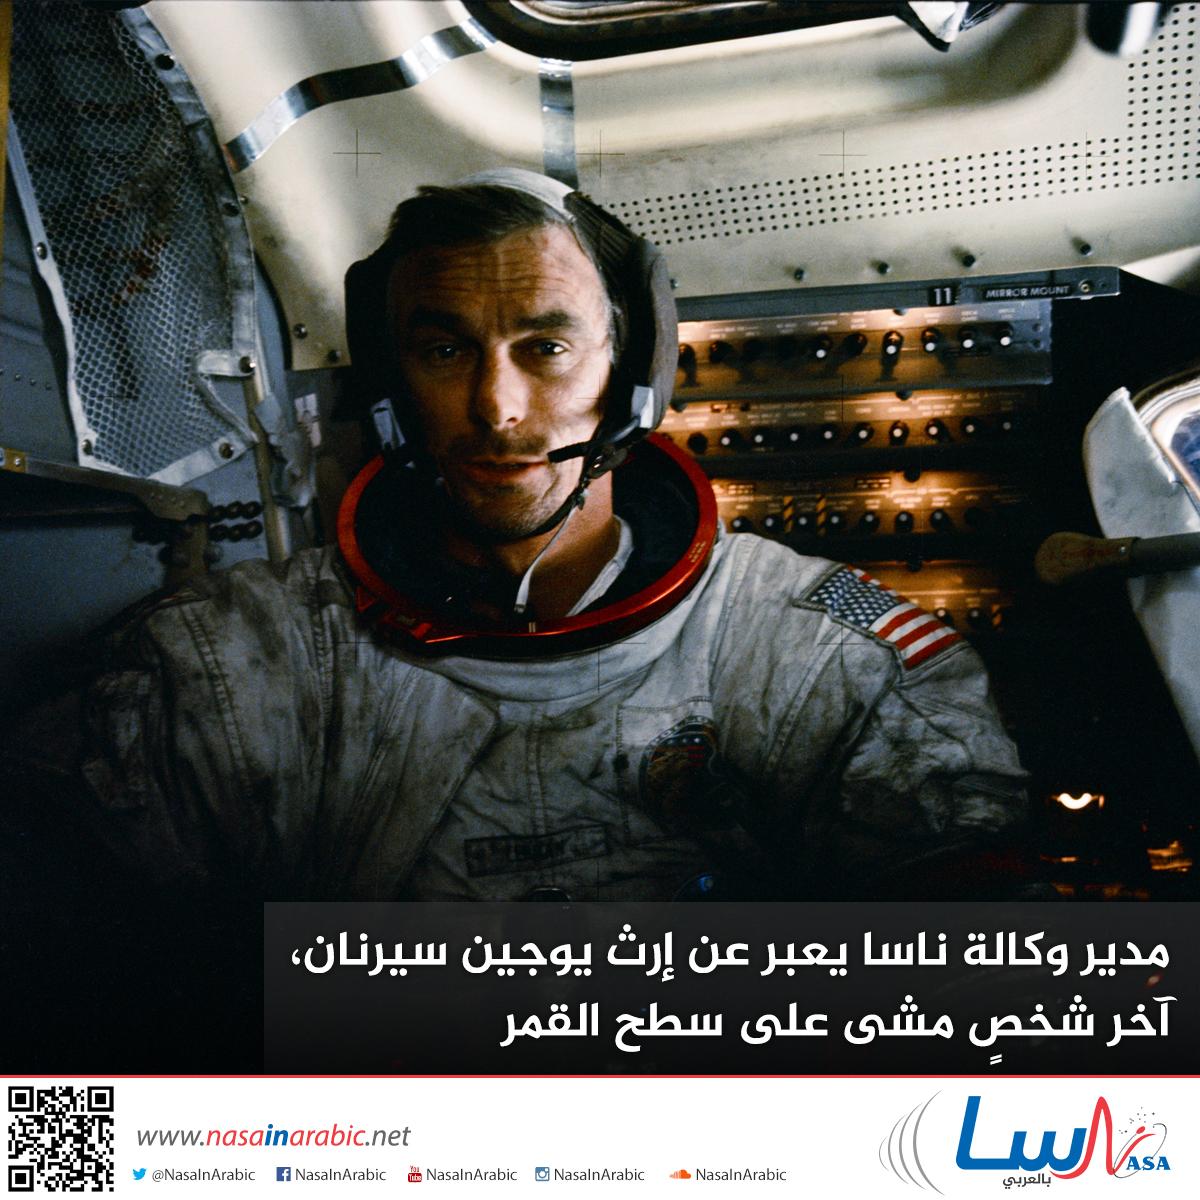 مدير وكالة ناسا يعبر عن إرث يوجين سيرنان آخر شخص مشى على سطح القمر